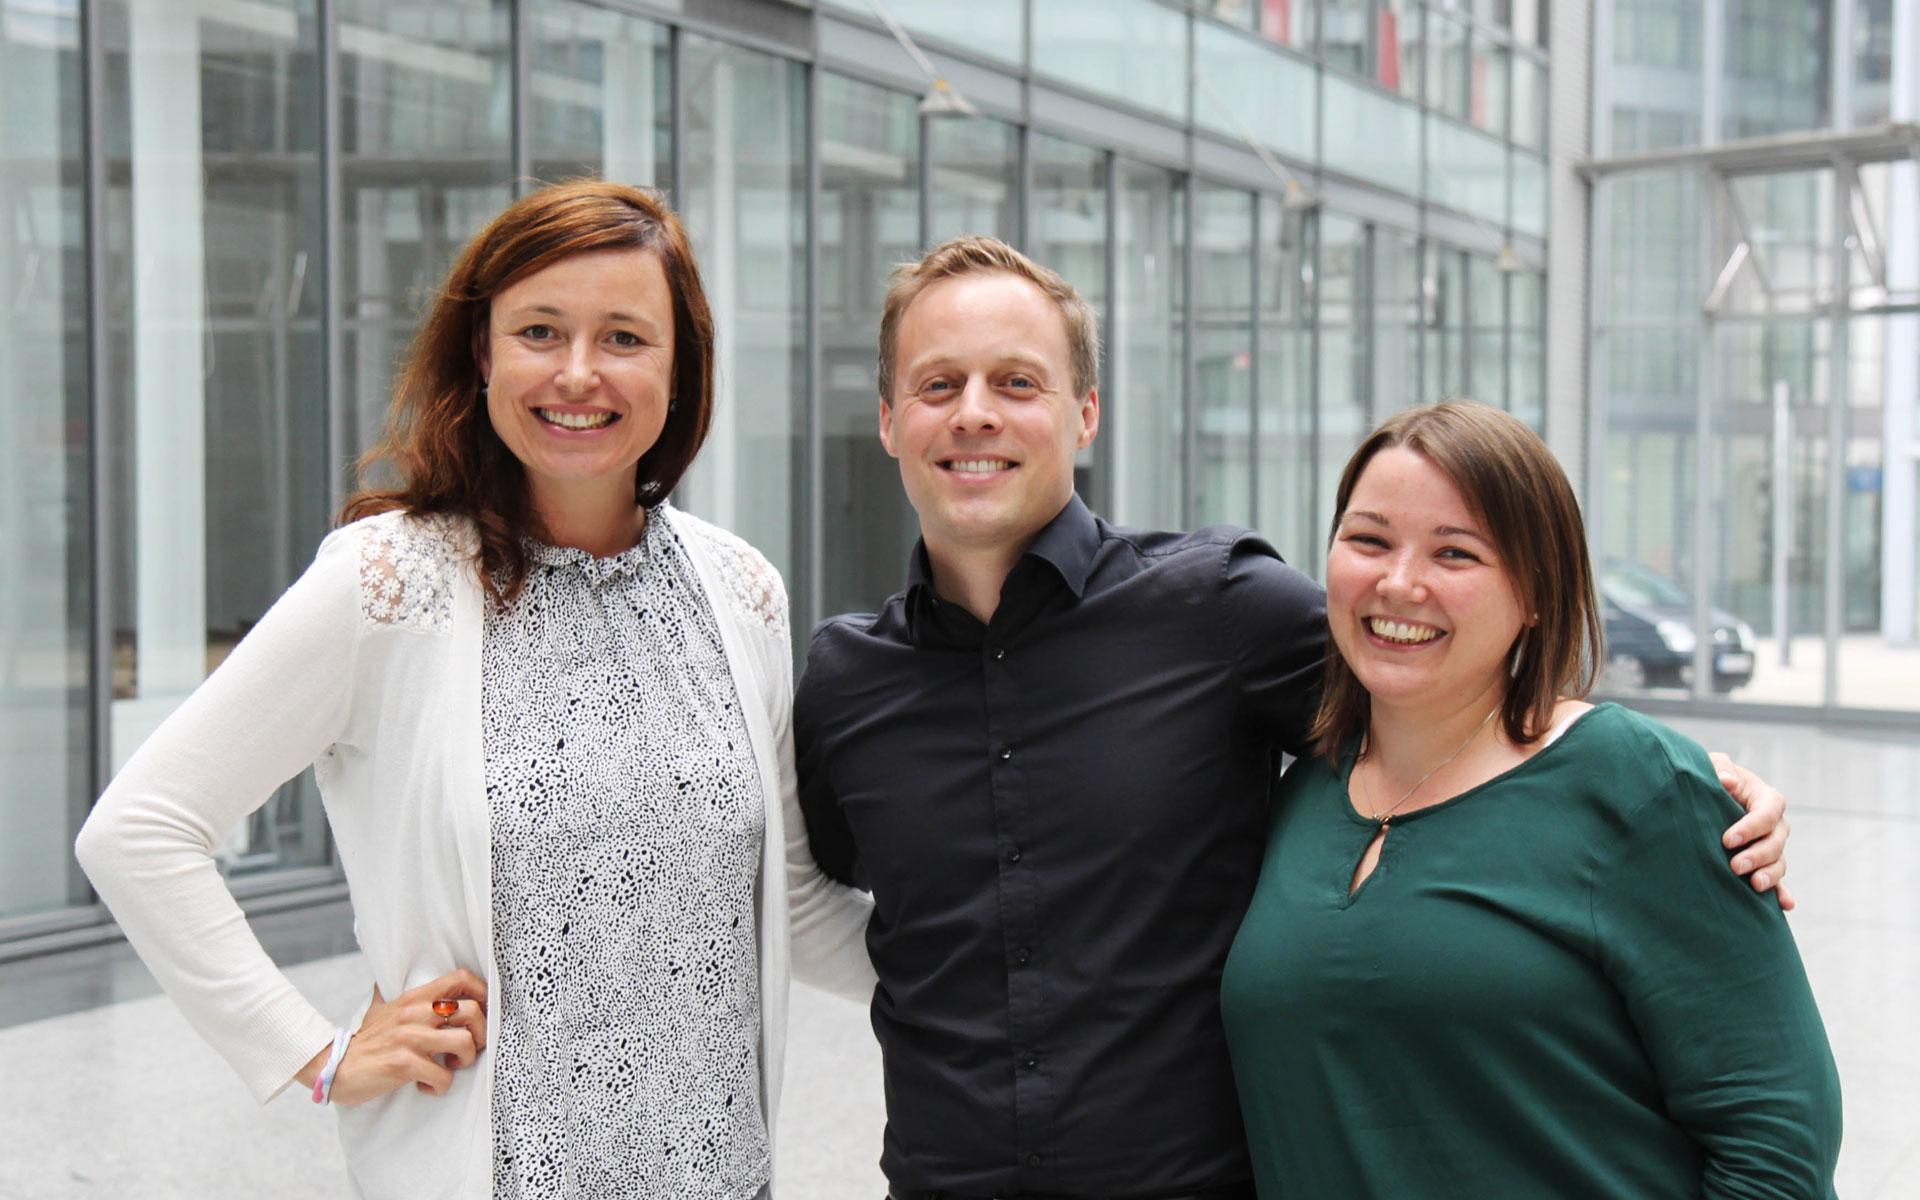 Jobtalk an der MDH mit Carsten Prenger von stay golden mit Miriam Meerfeld